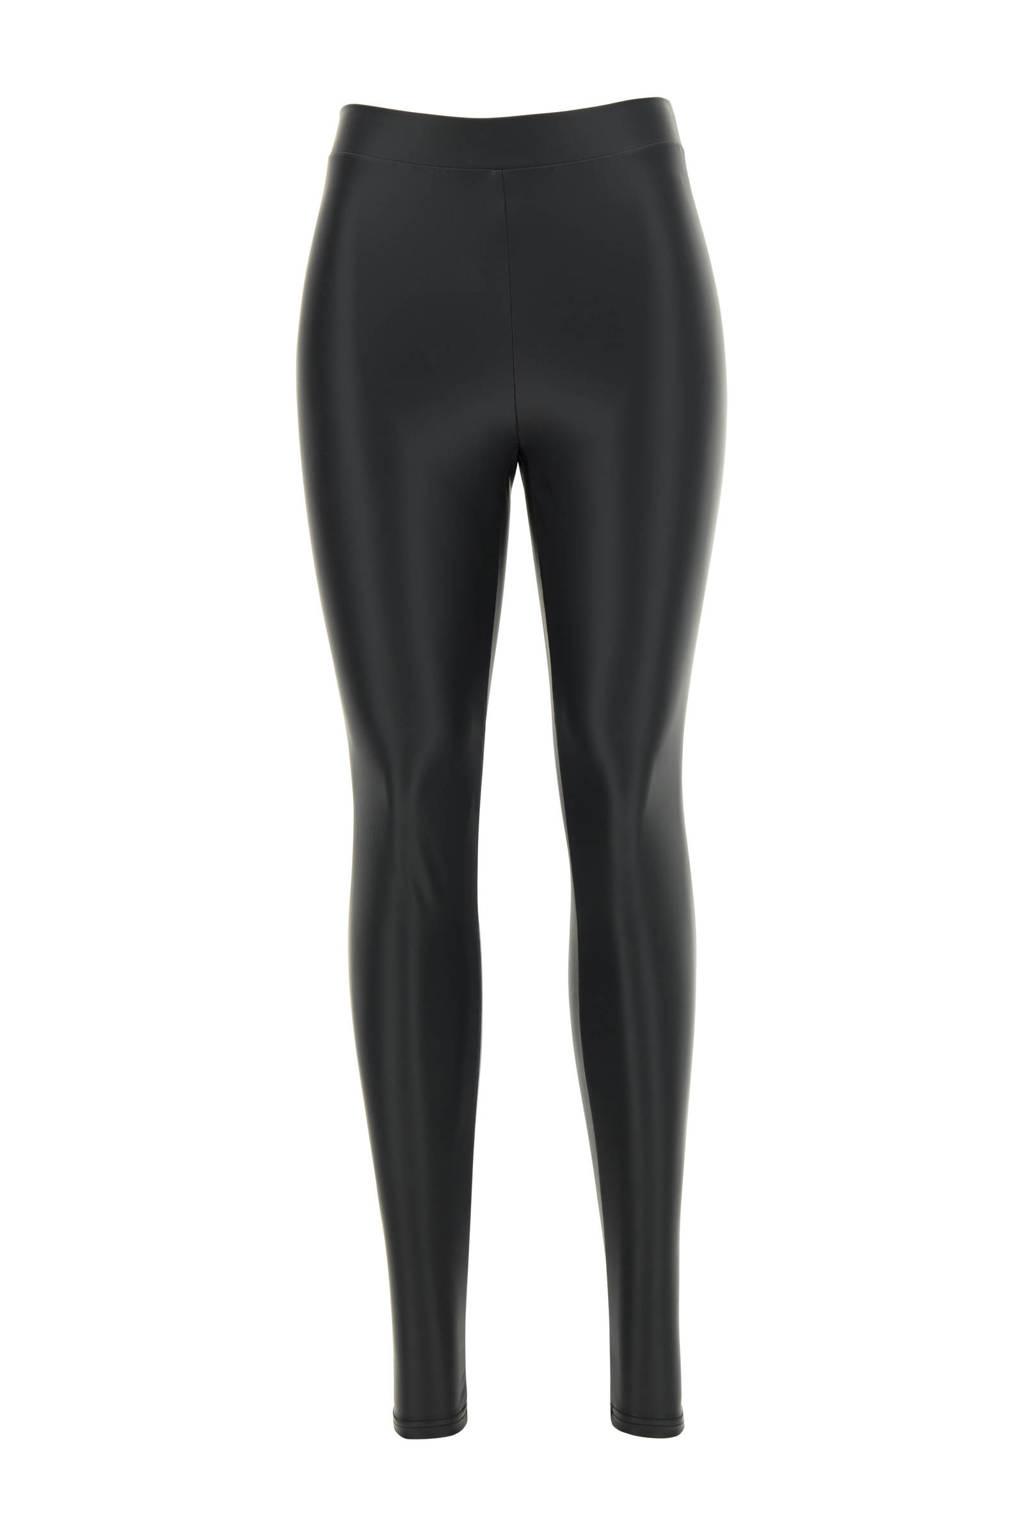 Oroblu imitatieleren legging zwart, Zwart